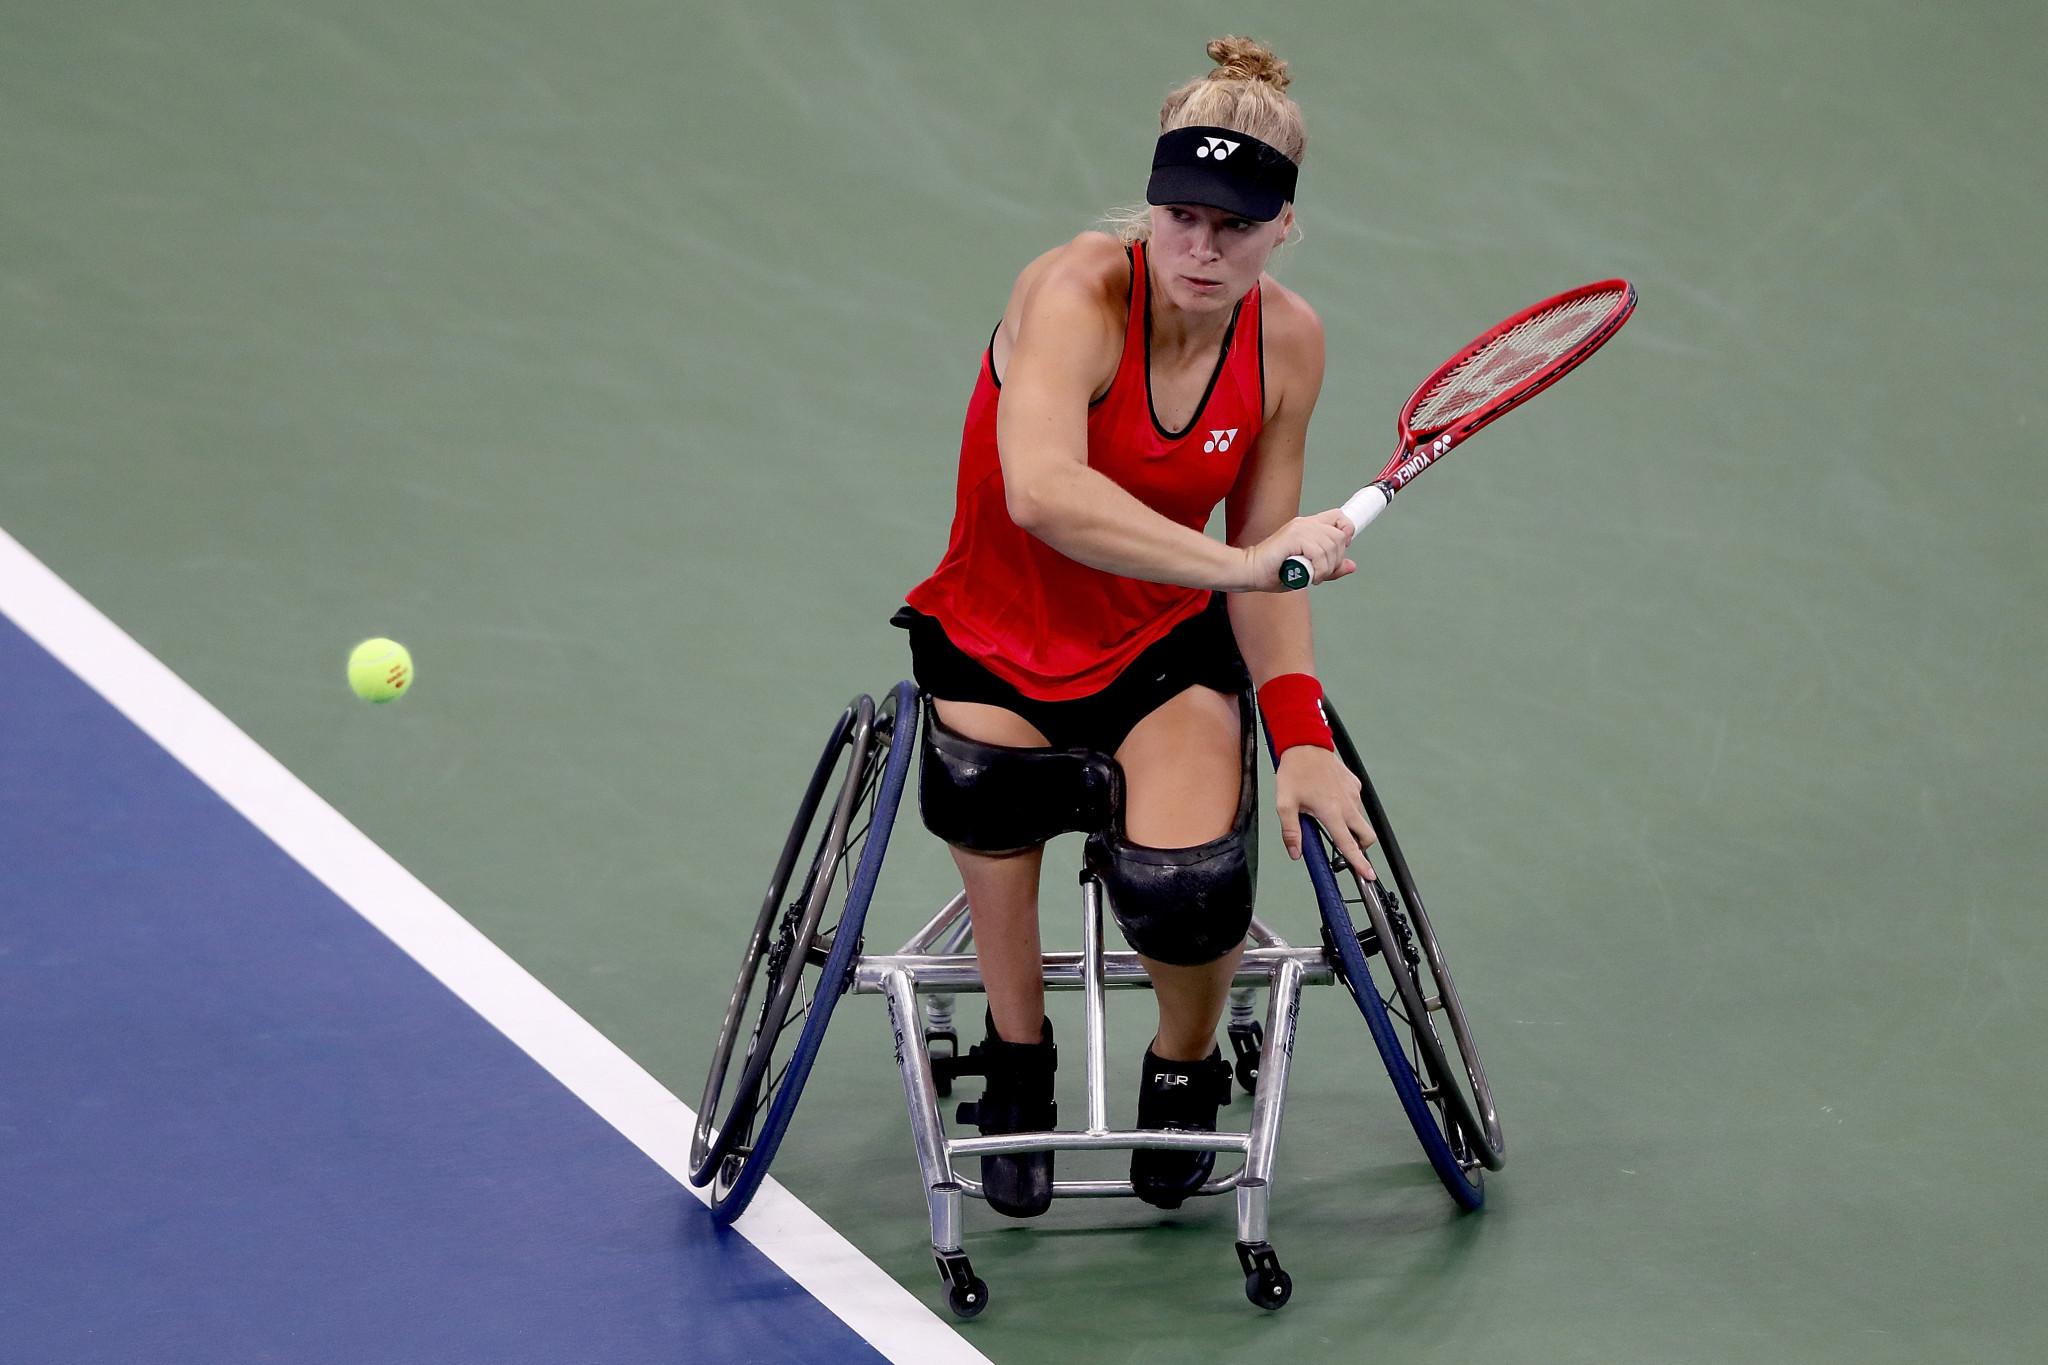 Diede de Groot hit 22 winners in her semi-final win against Aniek van Koot ©Getty Images